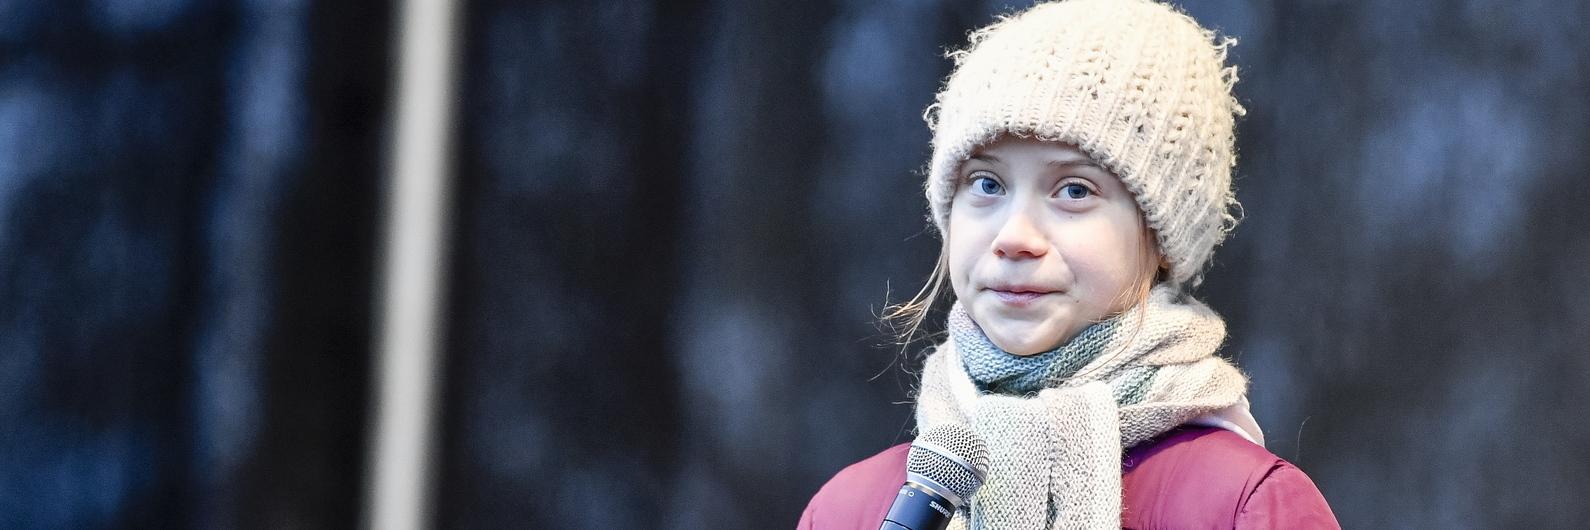 Ativista Greta Thunberg e dezenas de milhares de jovens paralisam Hamburgo